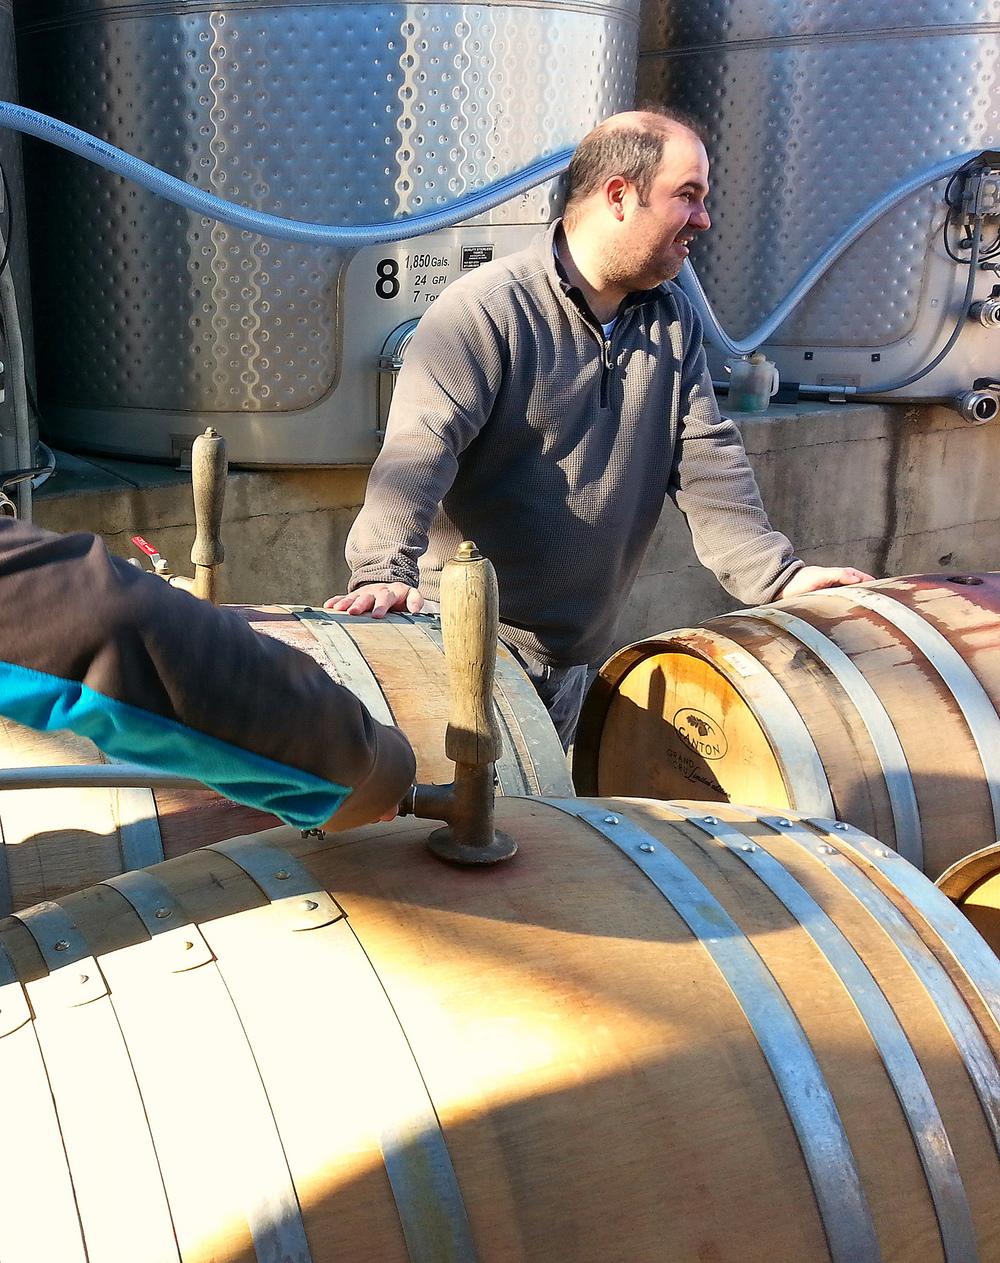 Winemaker and Owner, David Scheidt steam cleaning barrels